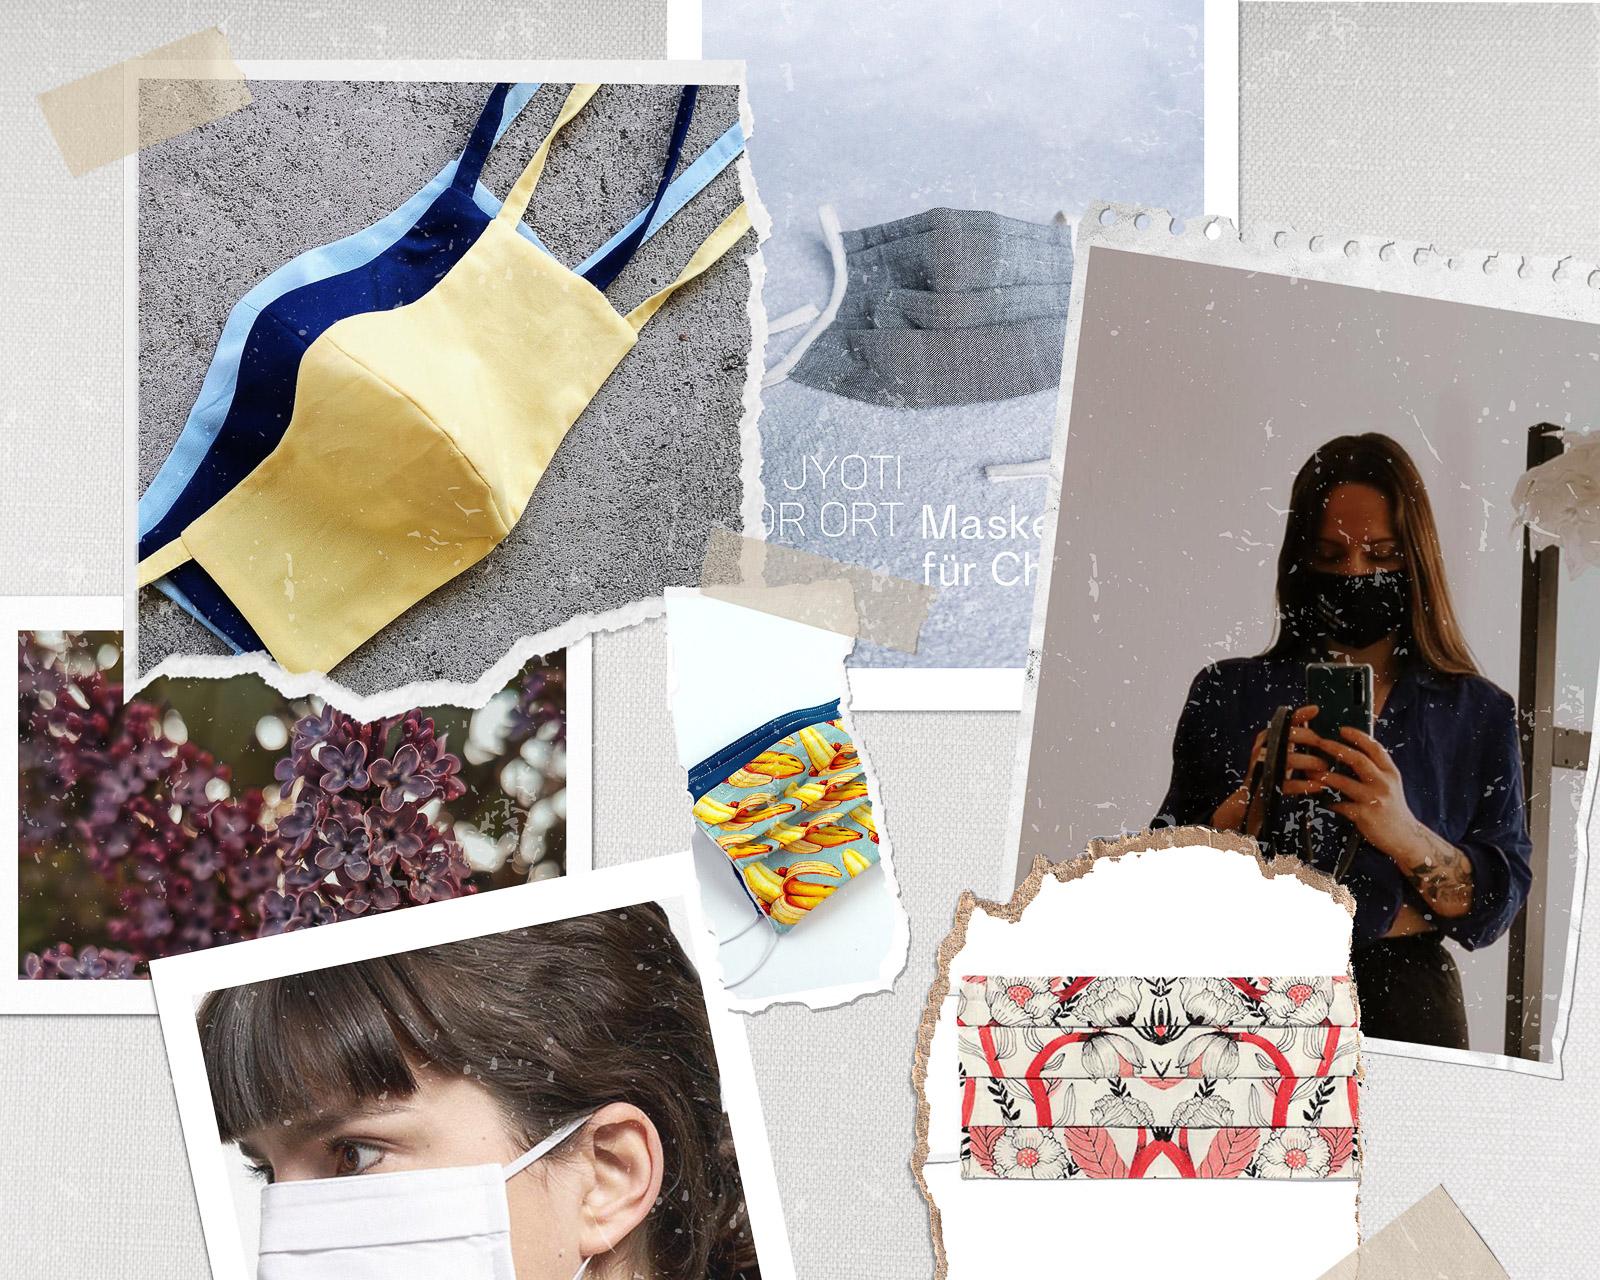 Masken kaufen, Masken fair Fashion kaufen, Masken Stoff, Mund Nase Masken kaufen, Mund Nase Masken online kaufen